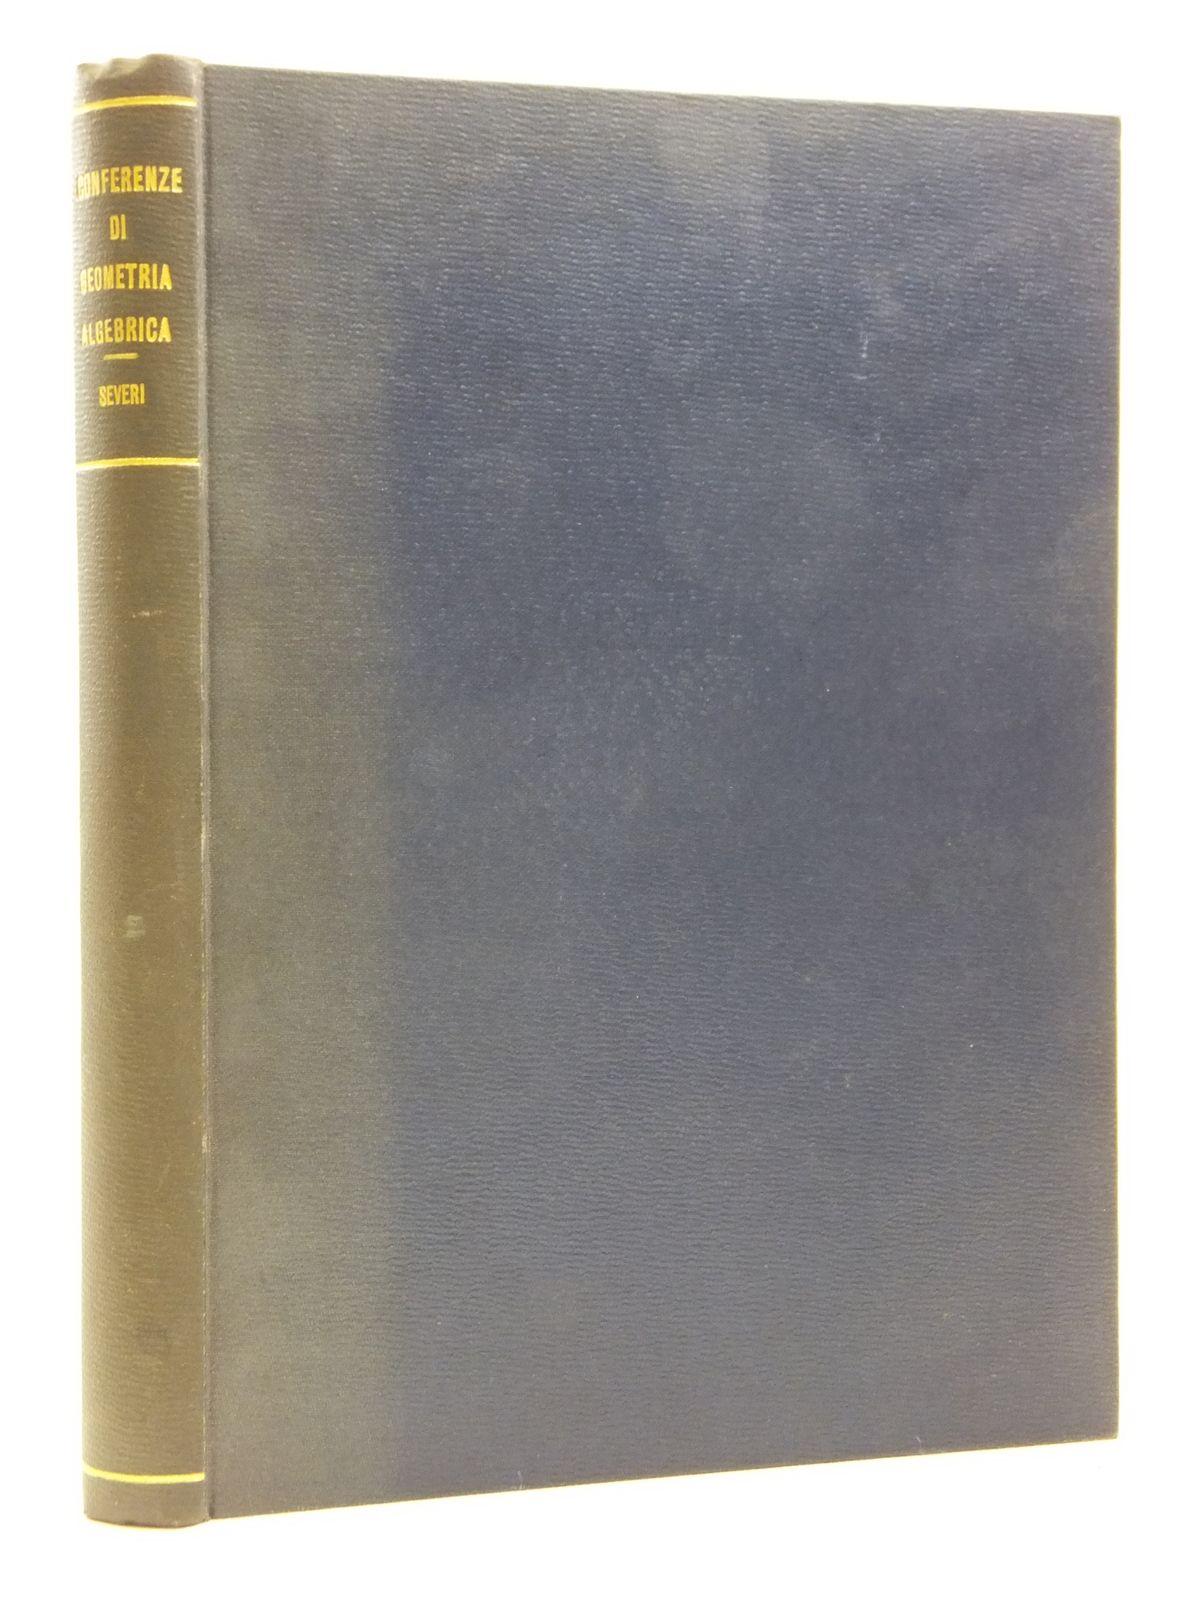 Photo of CONFERENZE DI GEOMETRIA ALGEBRICA ANNO 1927 1928 written by Severi, Francesco published by Stabilimento Tipo-Litografico Del Genio Civile (STOCK CODE: 2120883)  for sale by Stella & Rose's Books